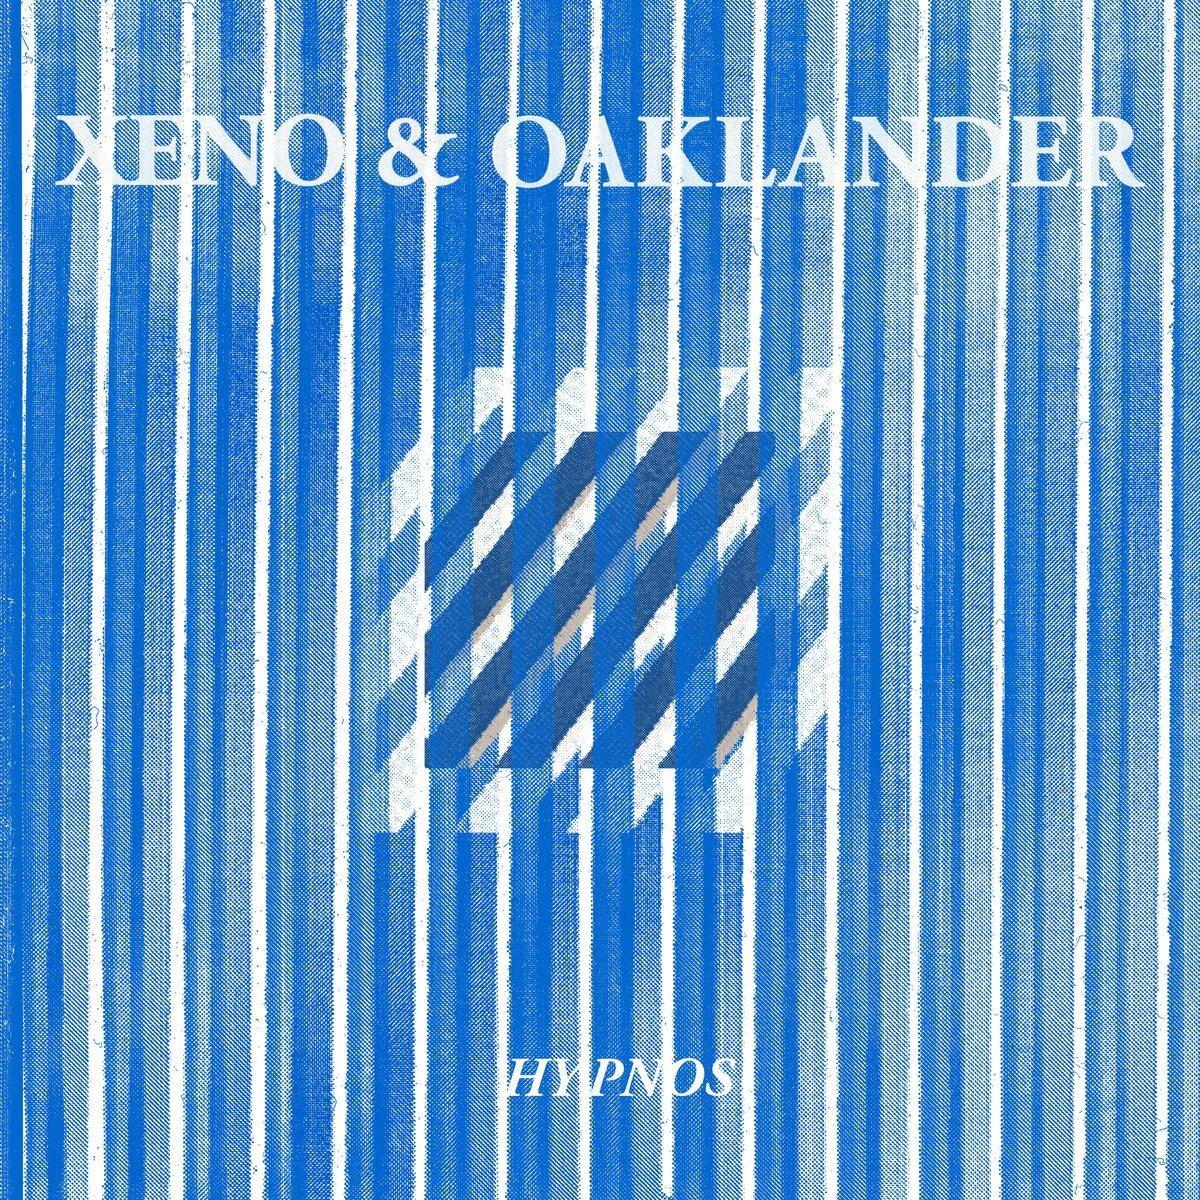 Xeno & Oaklander - Hypnos (LP)